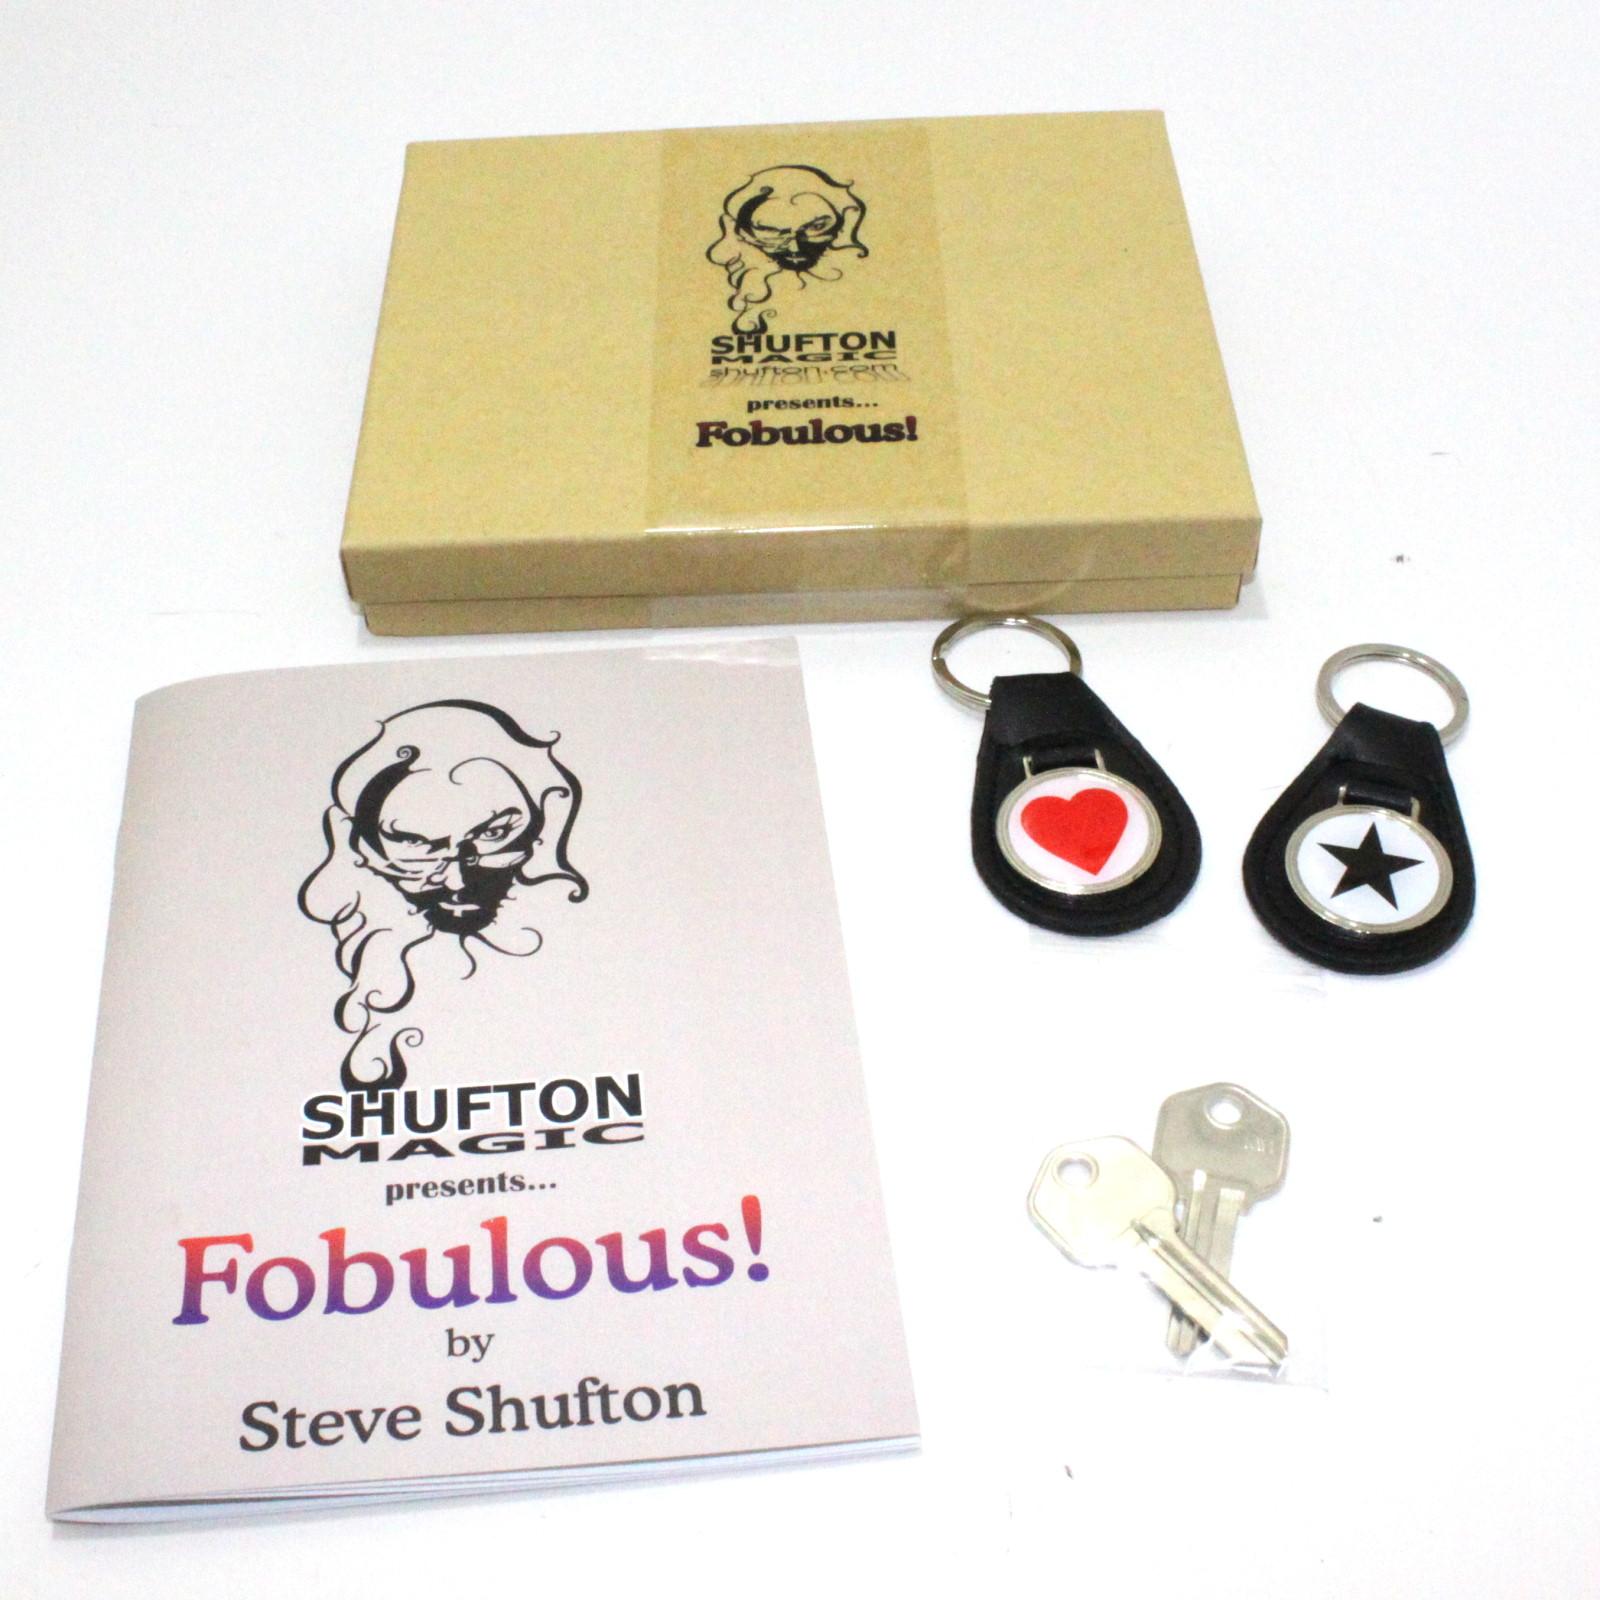 Fobulous by Steve Shufton